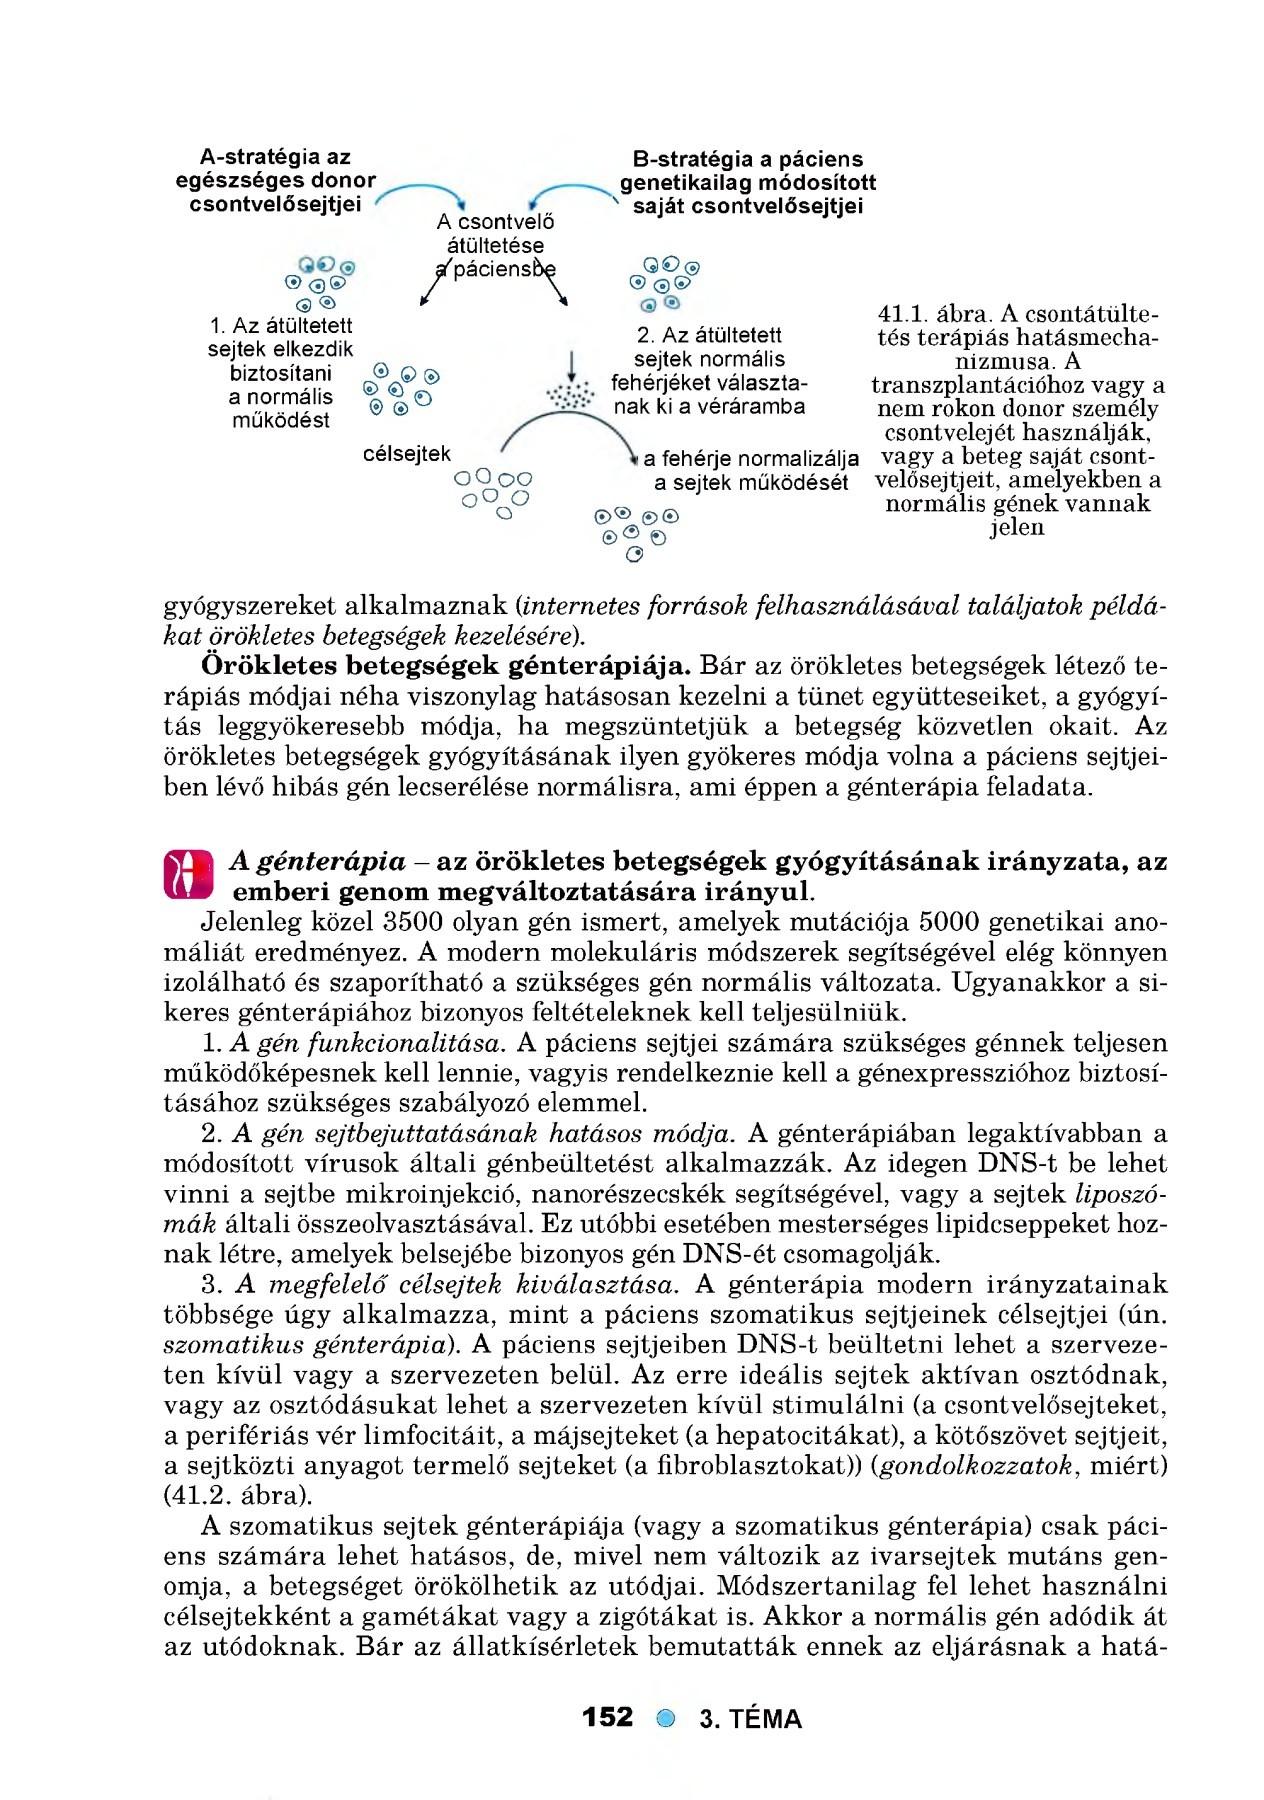 A paraziták rezonancia kezelése - prokontra.hu